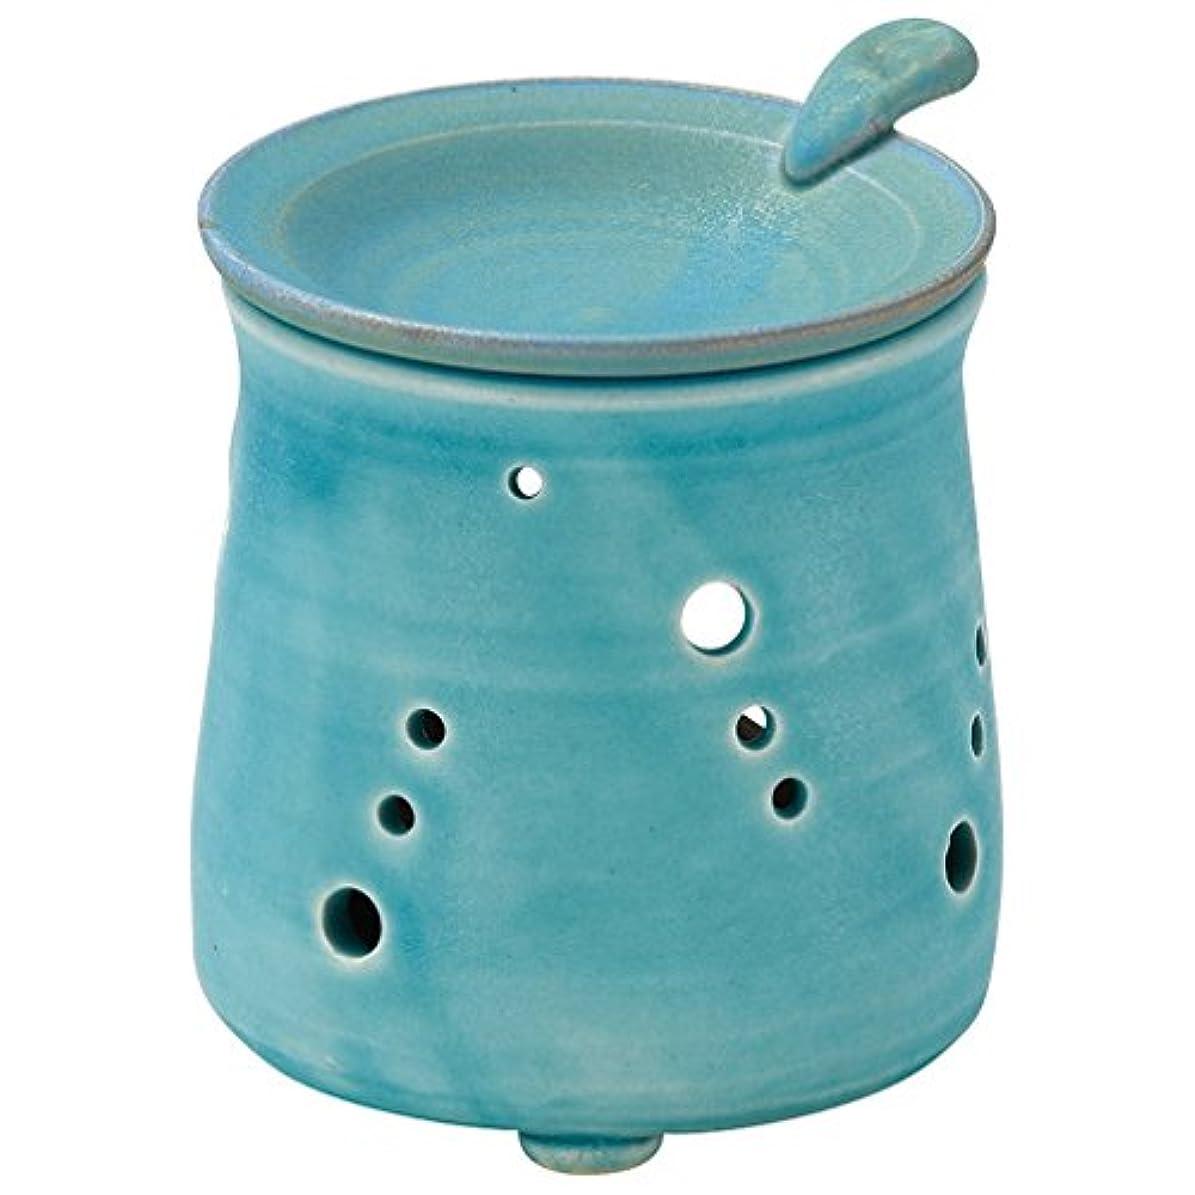 モックアーサーはさみ山下工芸 常滑焼 山田トルコブルー茶香炉 10×9.5×9.5cm 13045690